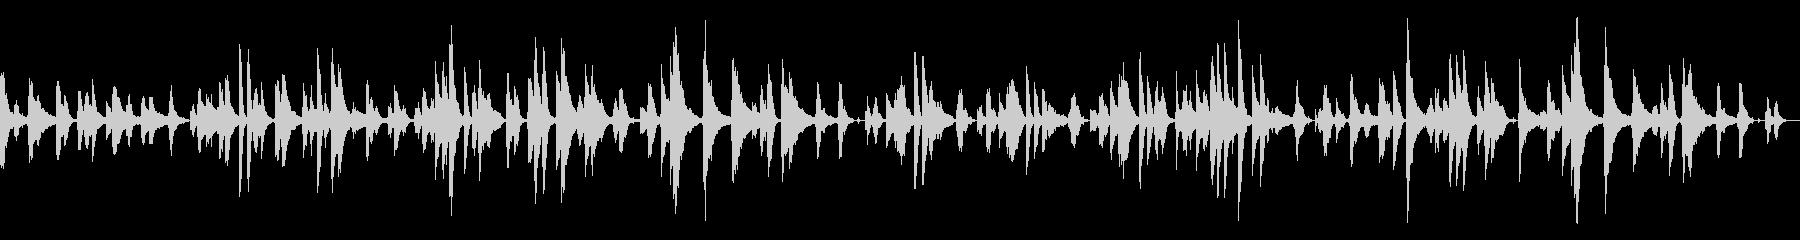 ピアノトリオによるボサノヴァ~ループ可~の未再生の波形